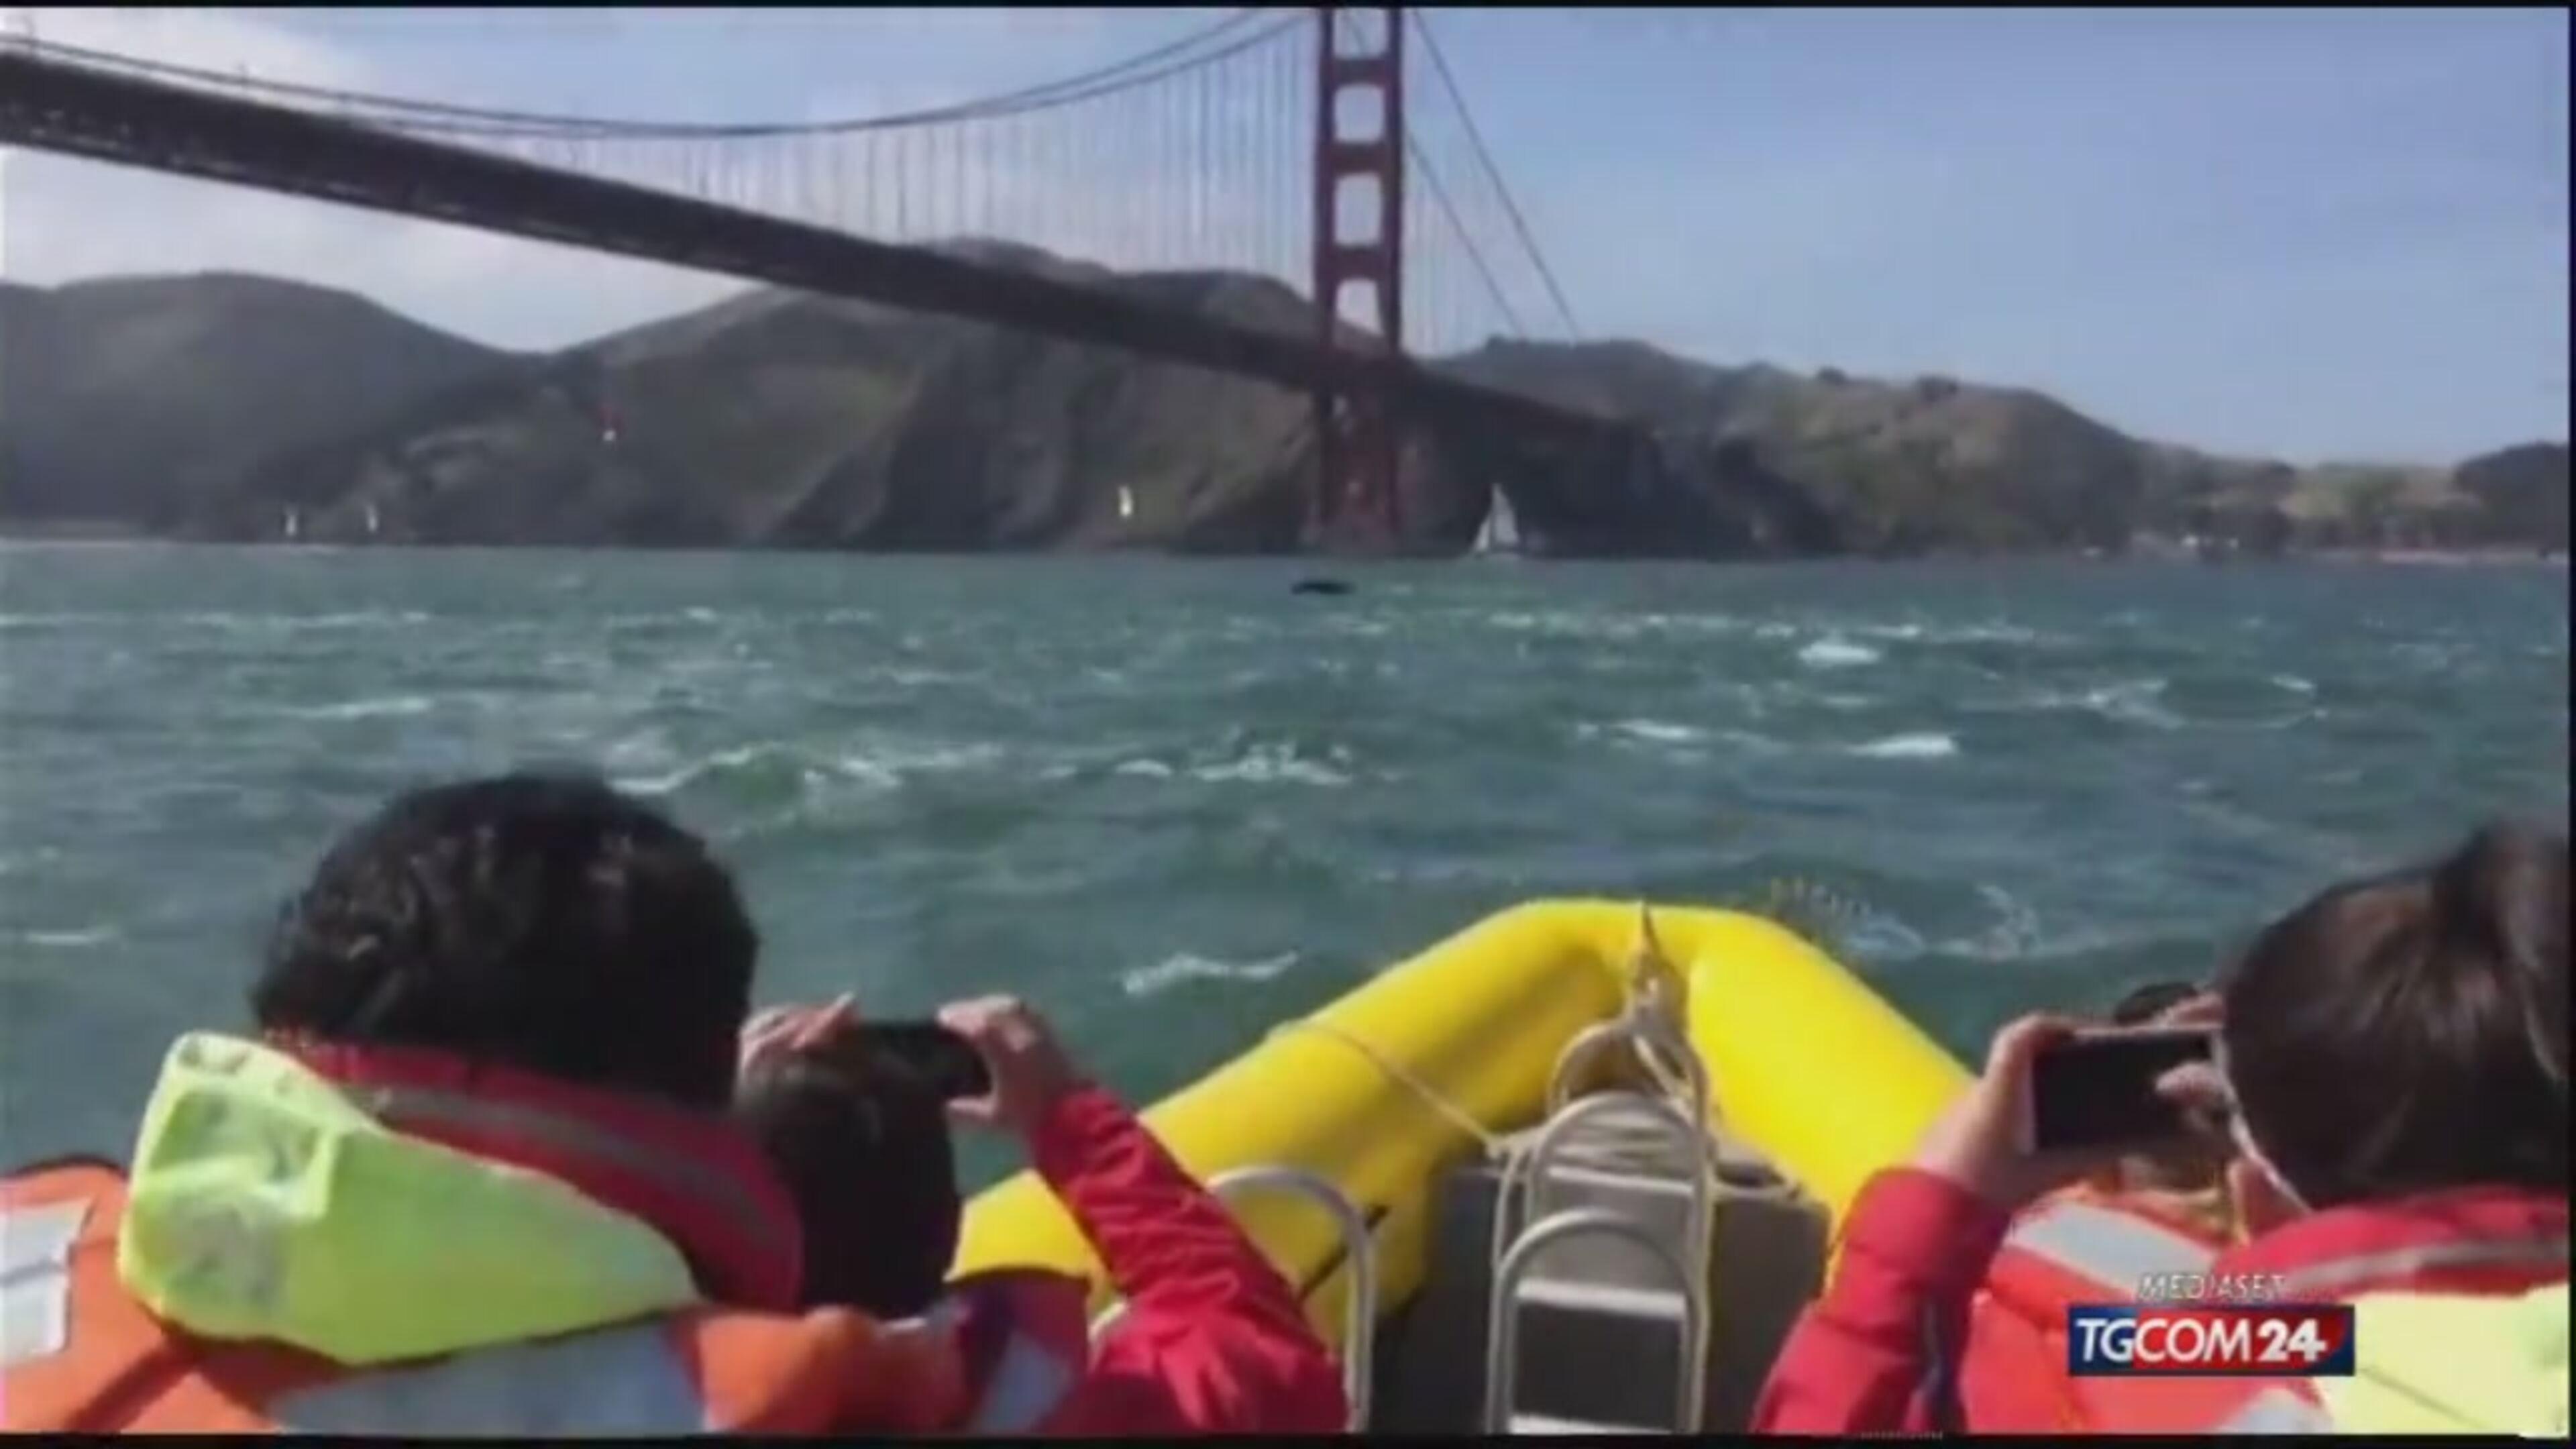 Megattere nella baia di San Francisco sorprendono i presenti